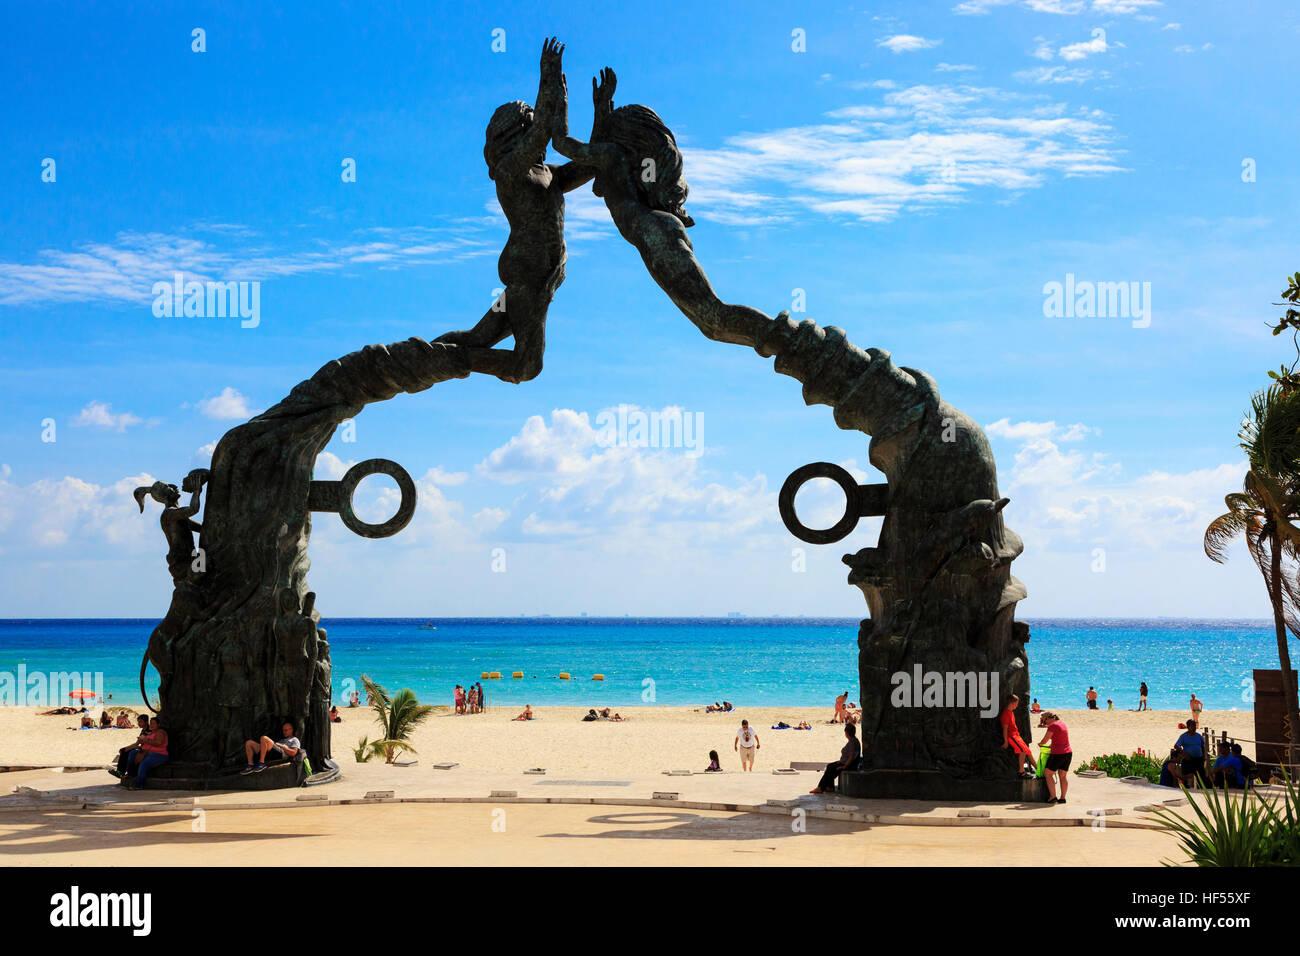 Eingang zum Strand von Playa Del Carmen mit Symbolen aus der alten Maya-Kultur, Riviera Maya, Mexiko Stockbild